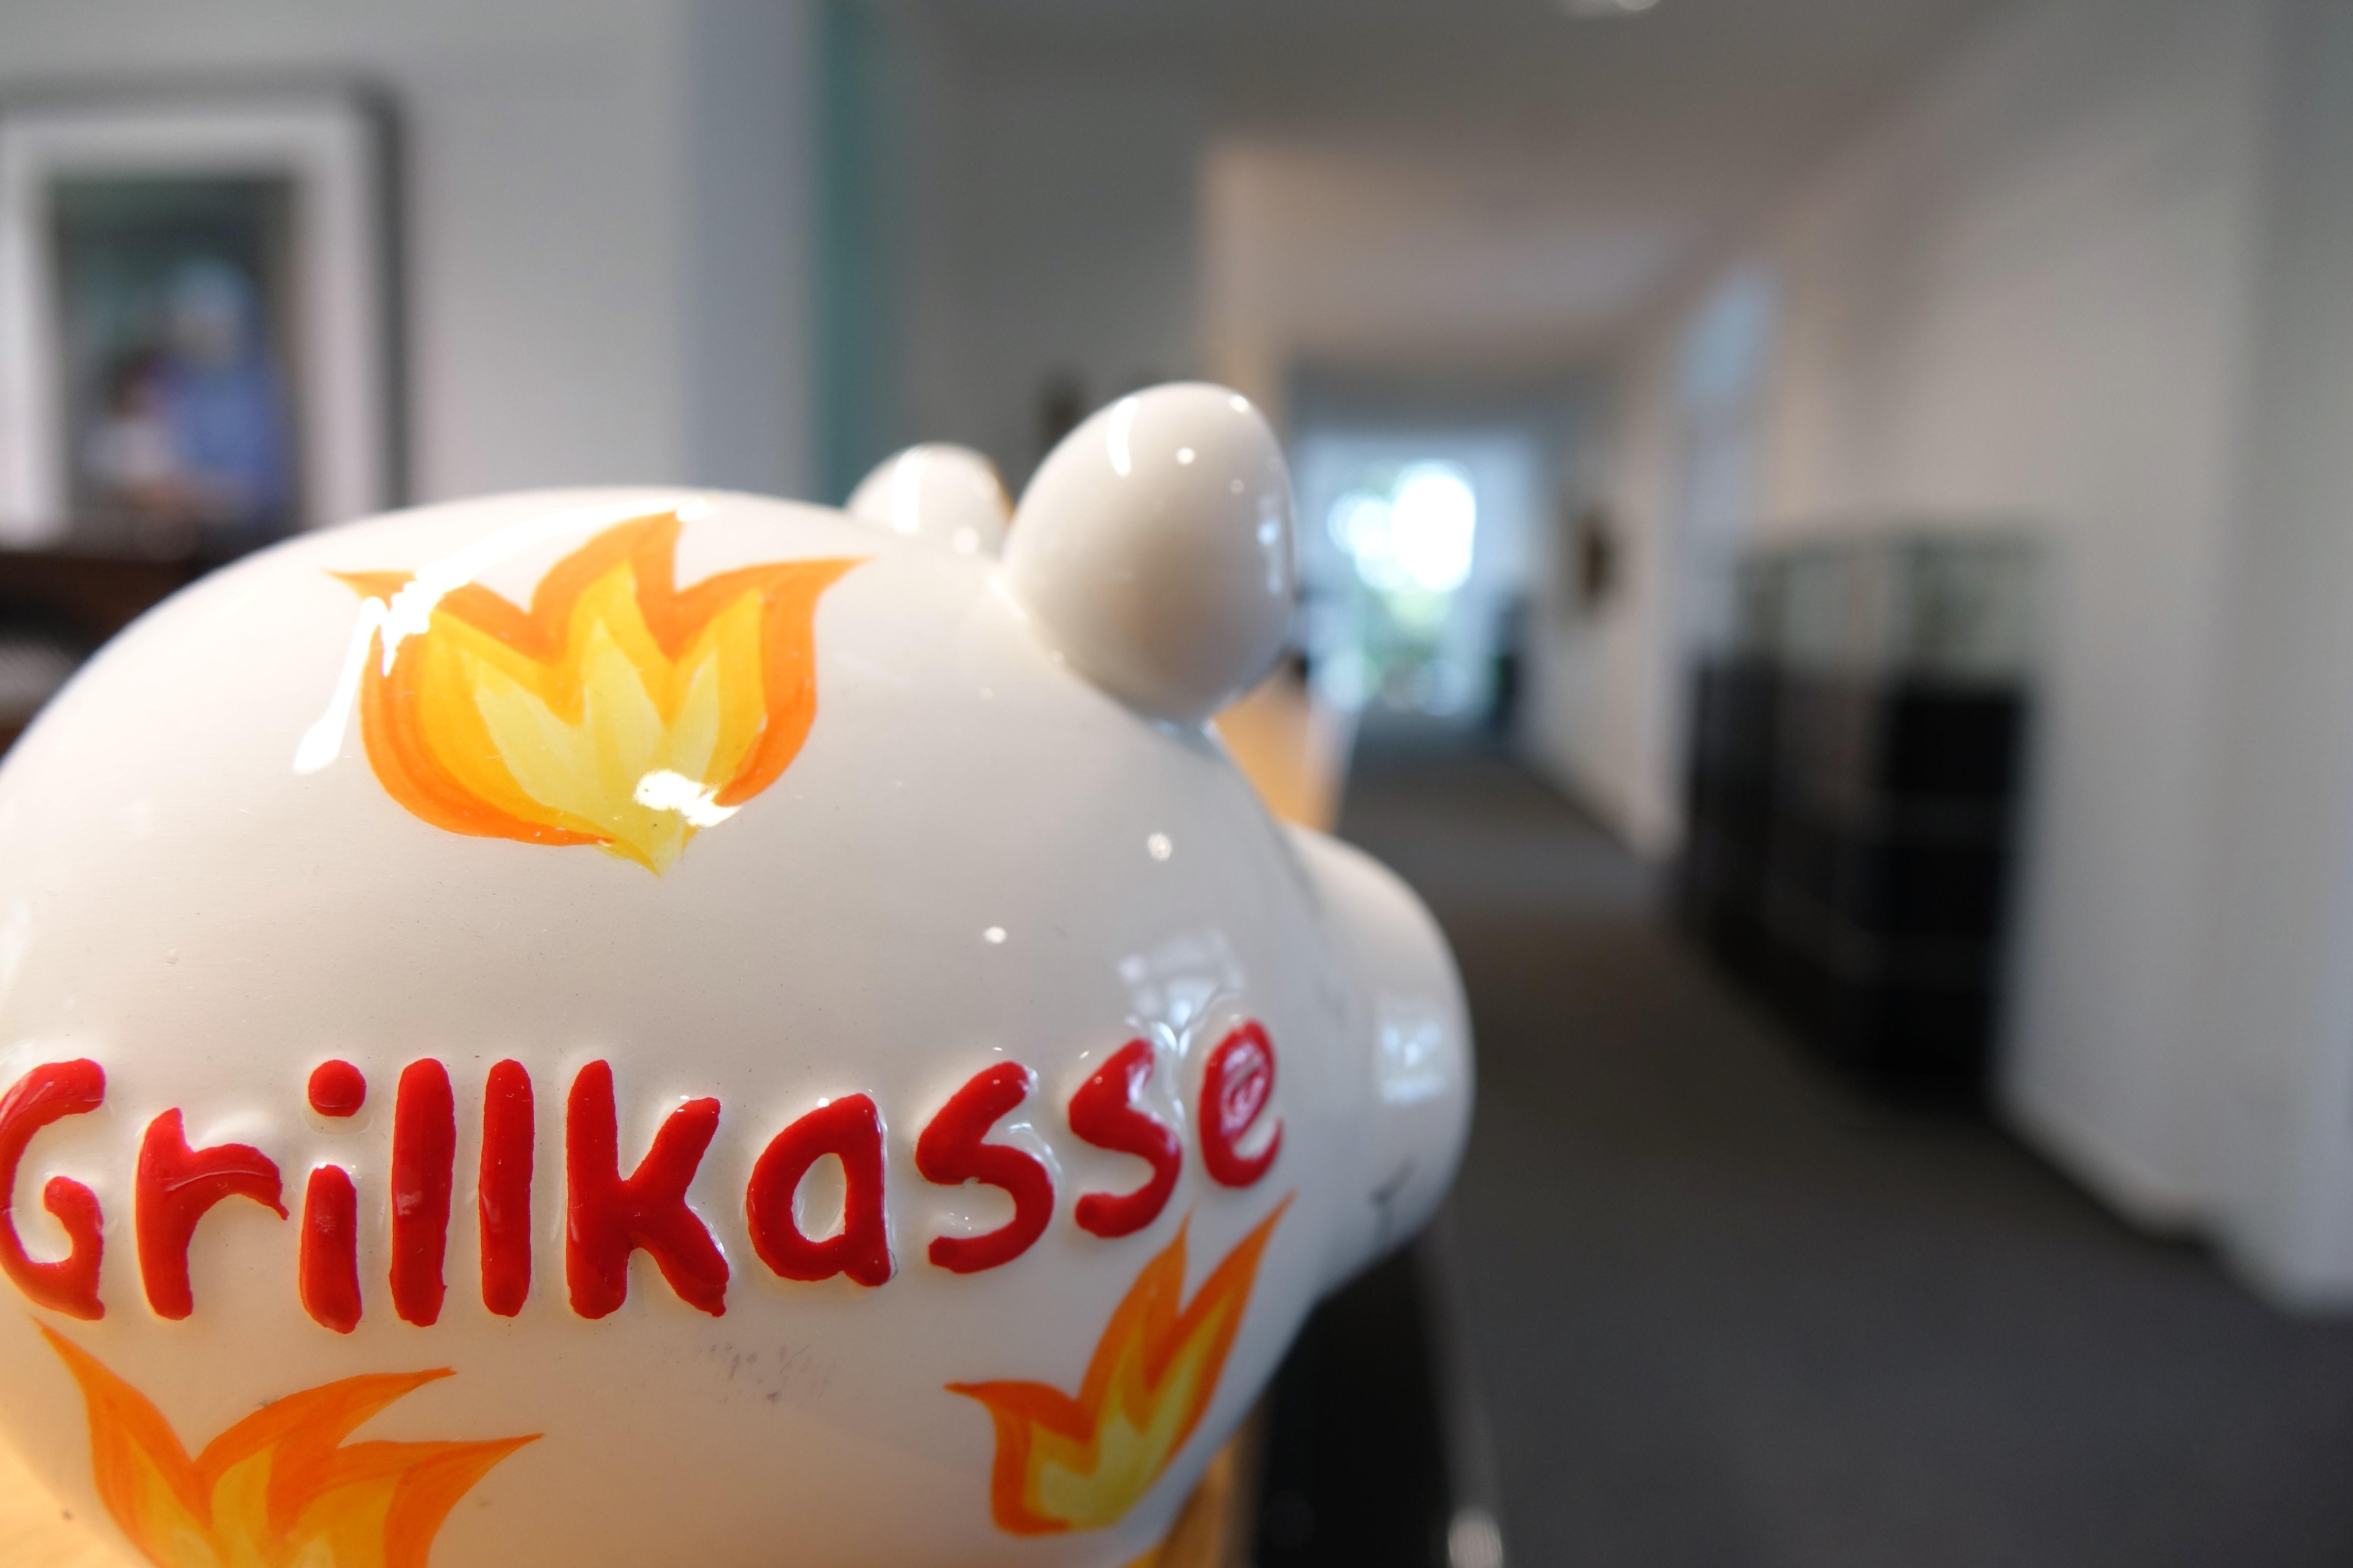 Geschenke An Kunden 35 Euro Netto Oder Brutto  Abzugsverbot für Pauschalsteuer auf Geschenke